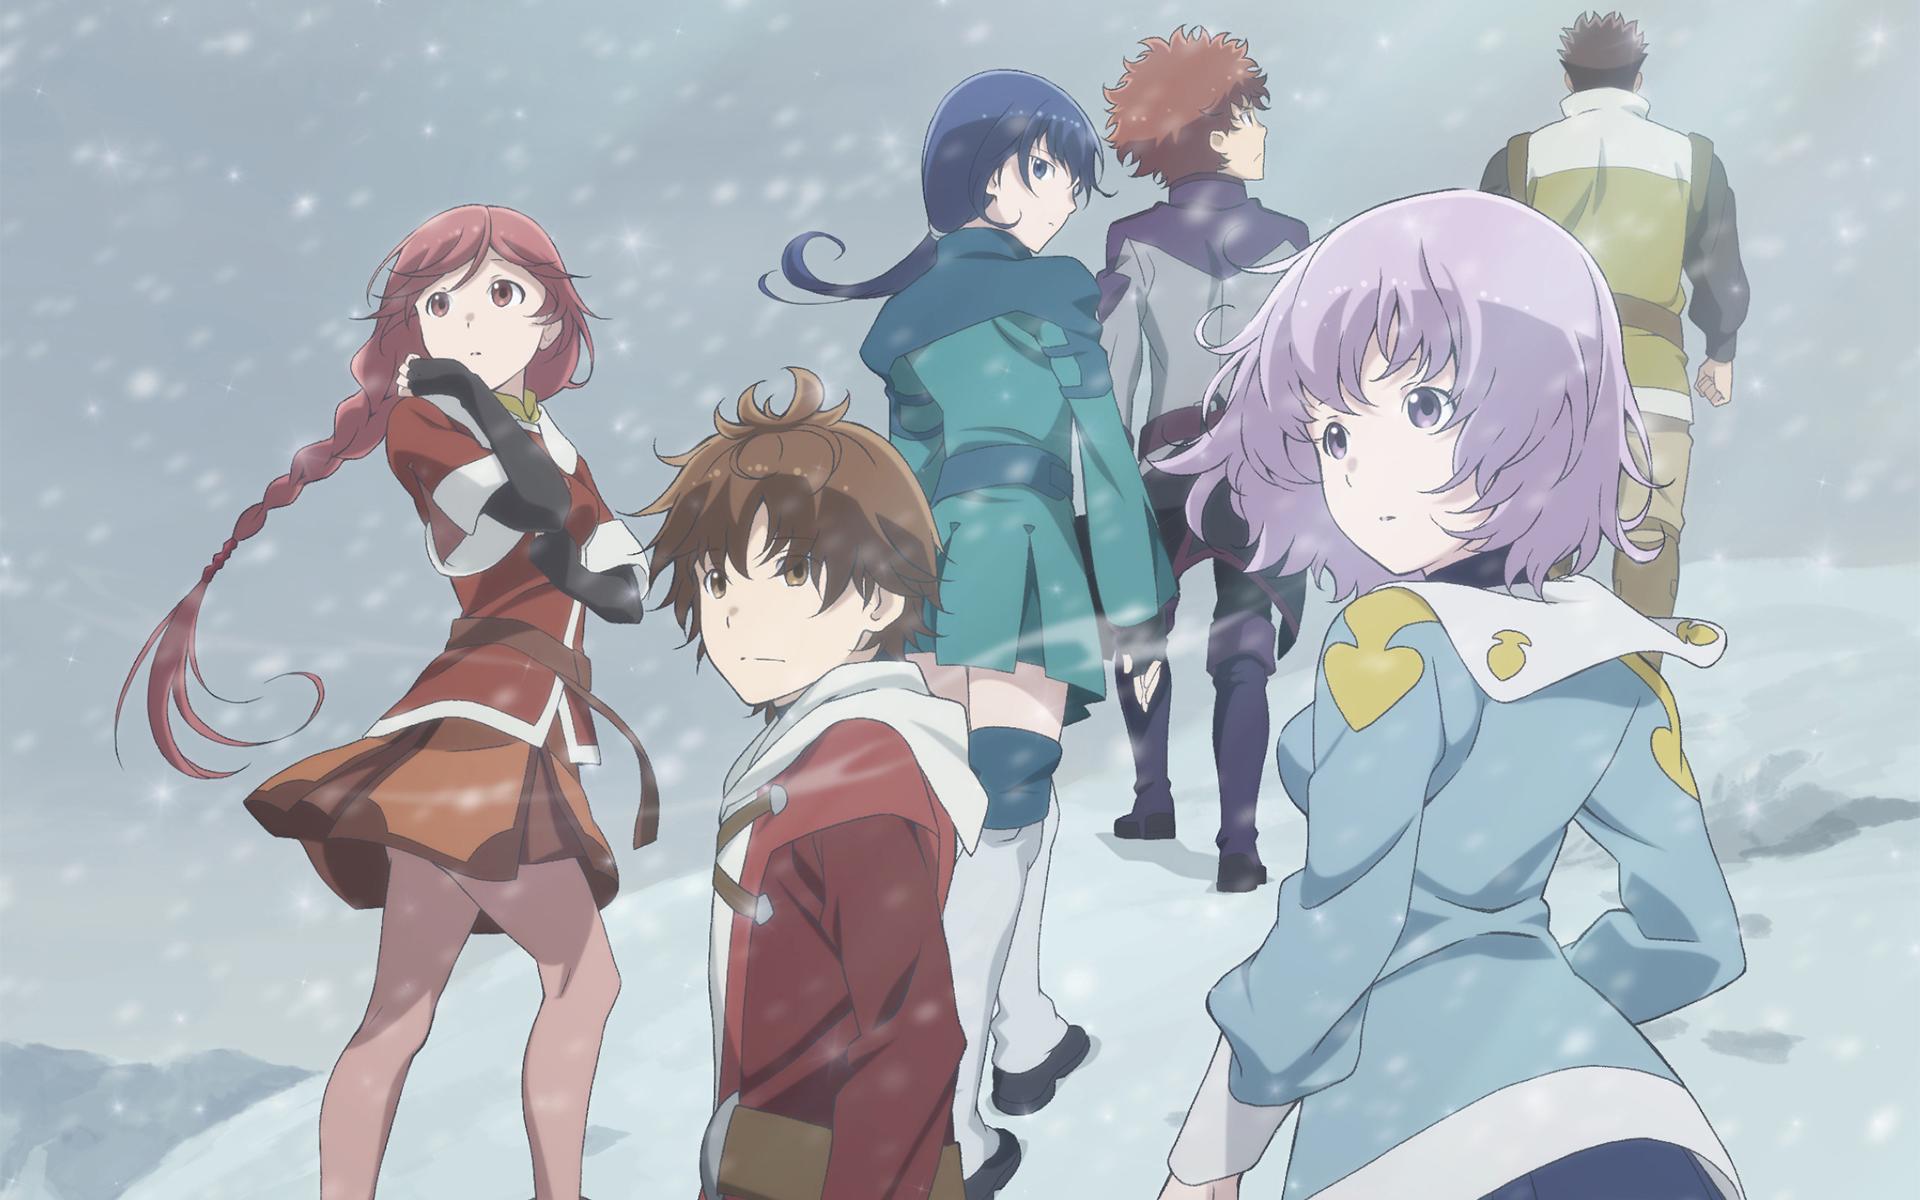 Anime Grimgar Of Fantasy And Ash Conclusion 8 10 Anime Anime